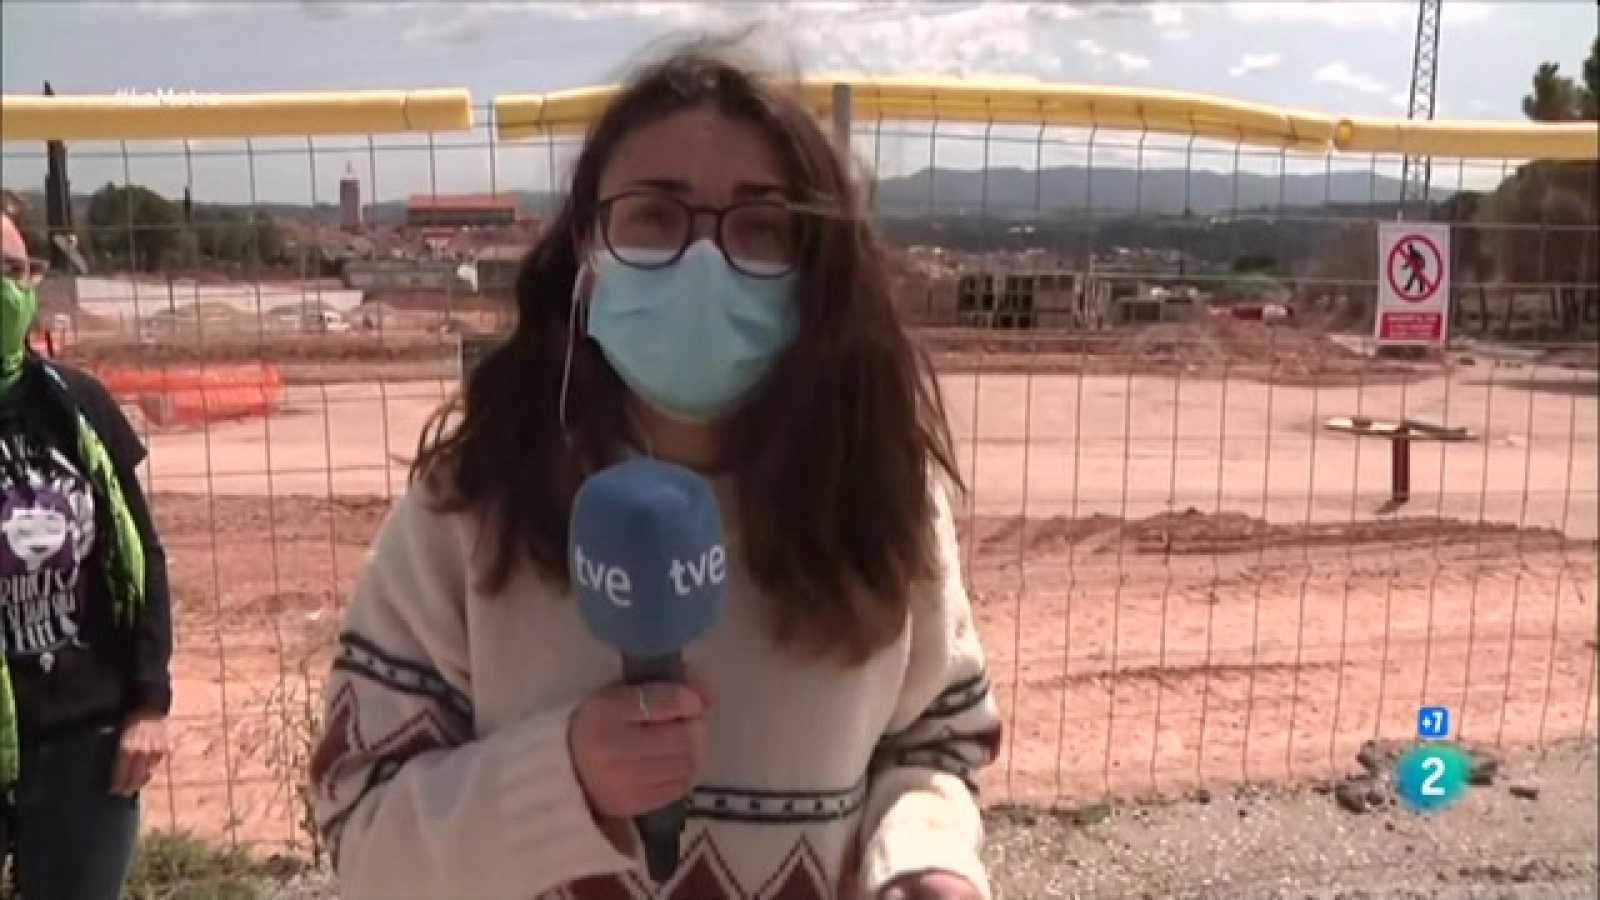 Veïns d'Olesa denuncien que l'urbanització de Cal Candi destrueix el territori